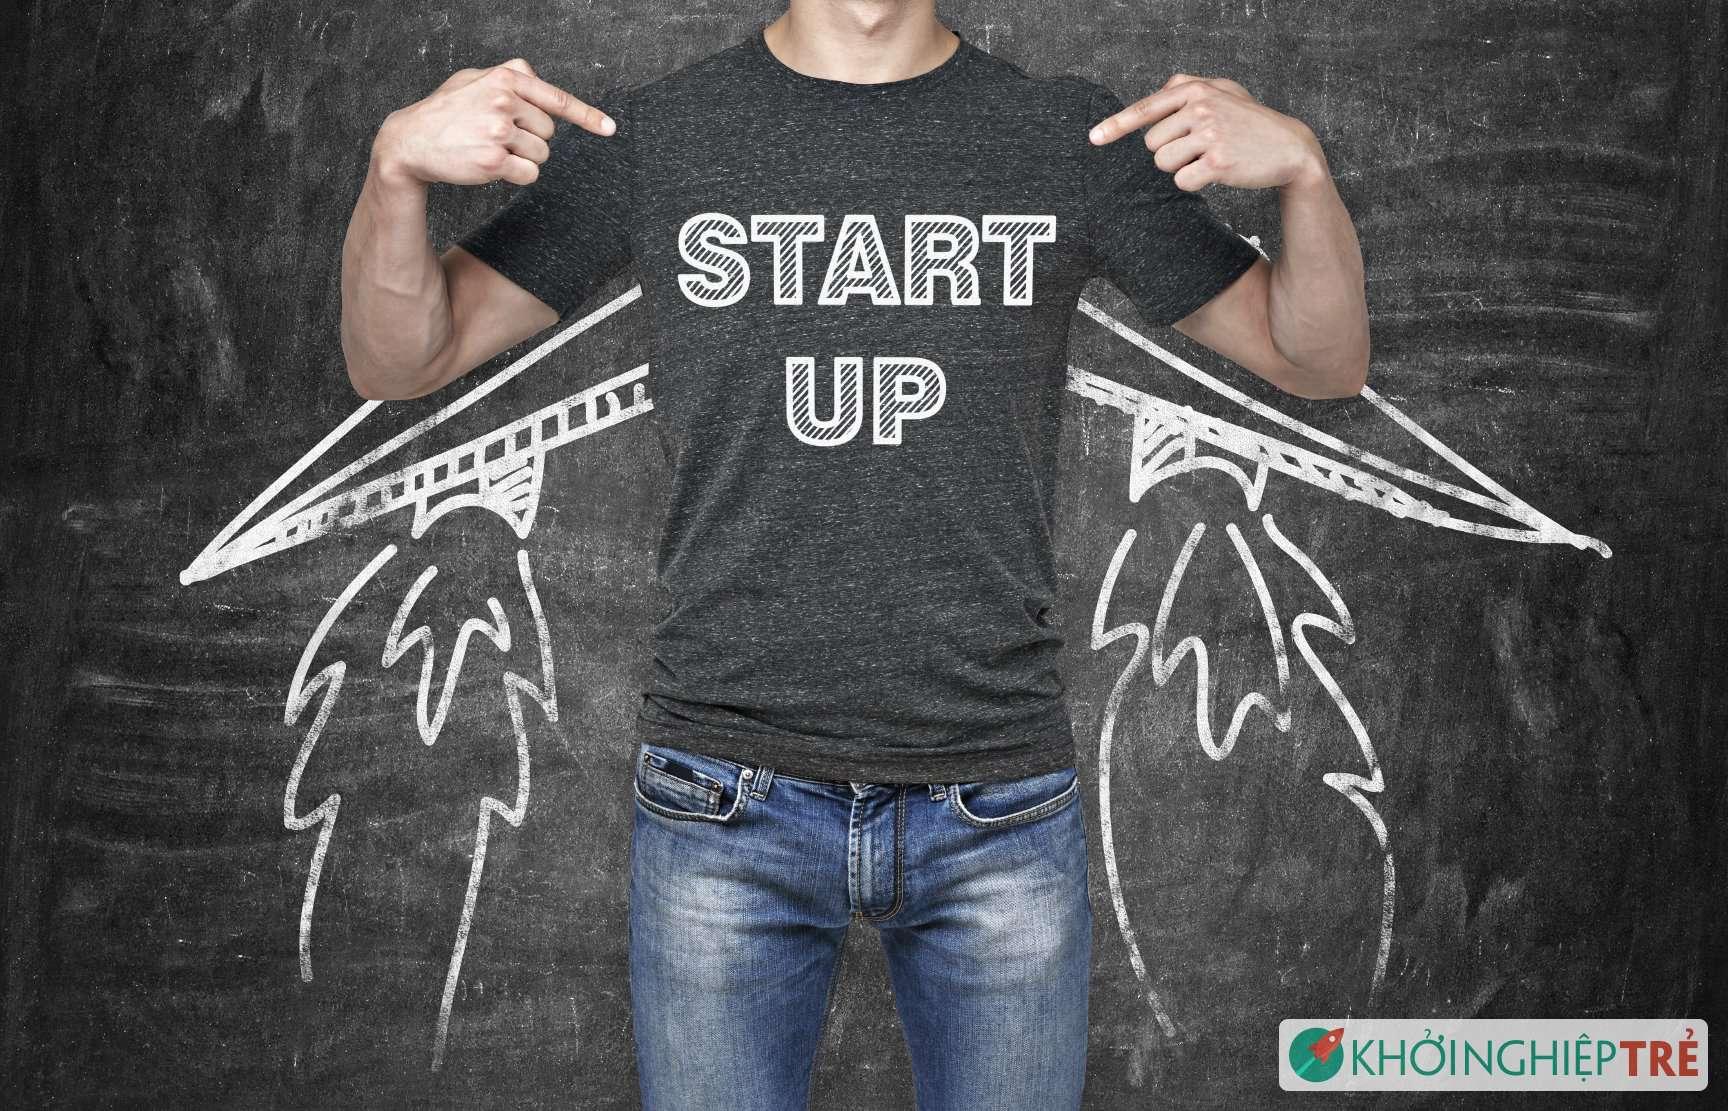 Để bắt đầu khởi nghiệp kinh doanh, cần chuẩn bị gì? 03